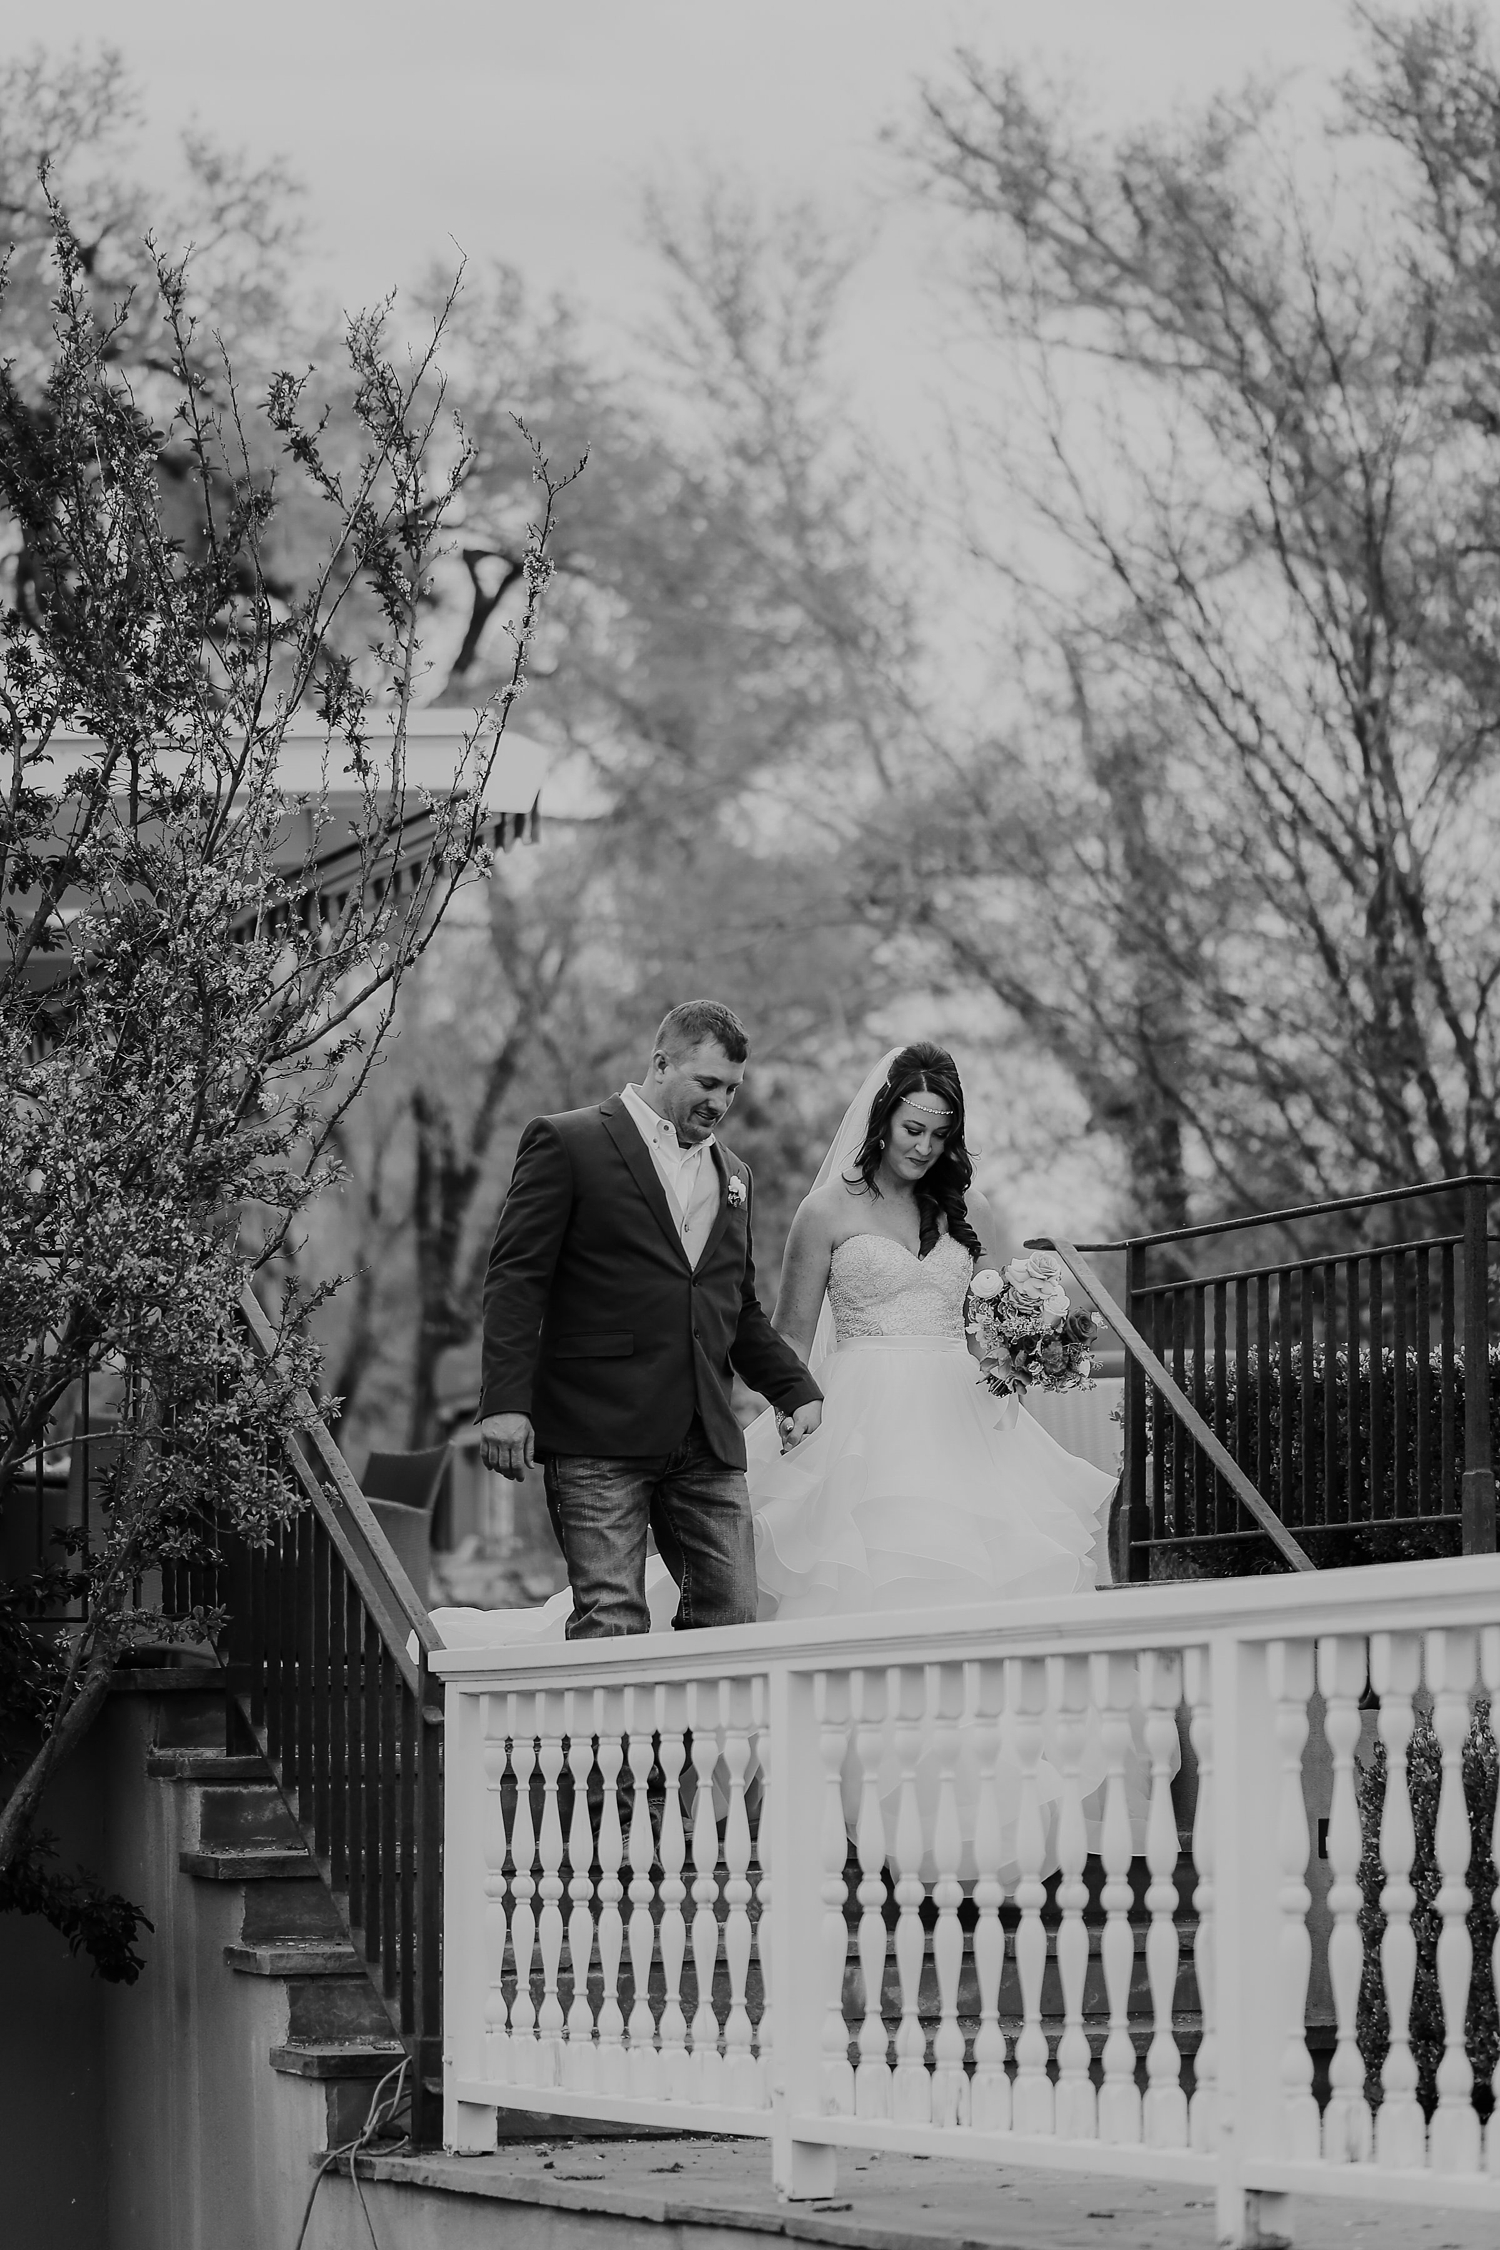 Alicia+lucia+photography+-+albuquerque+wedding+photographer+-+santa+fe+wedding+photography+-+new+mexico+wedding+photographer+-+new+mexico+engagement+-+la+mesita+ranch+wedding+-+la+mesita+ranch+spring+wedding_0076.jpg